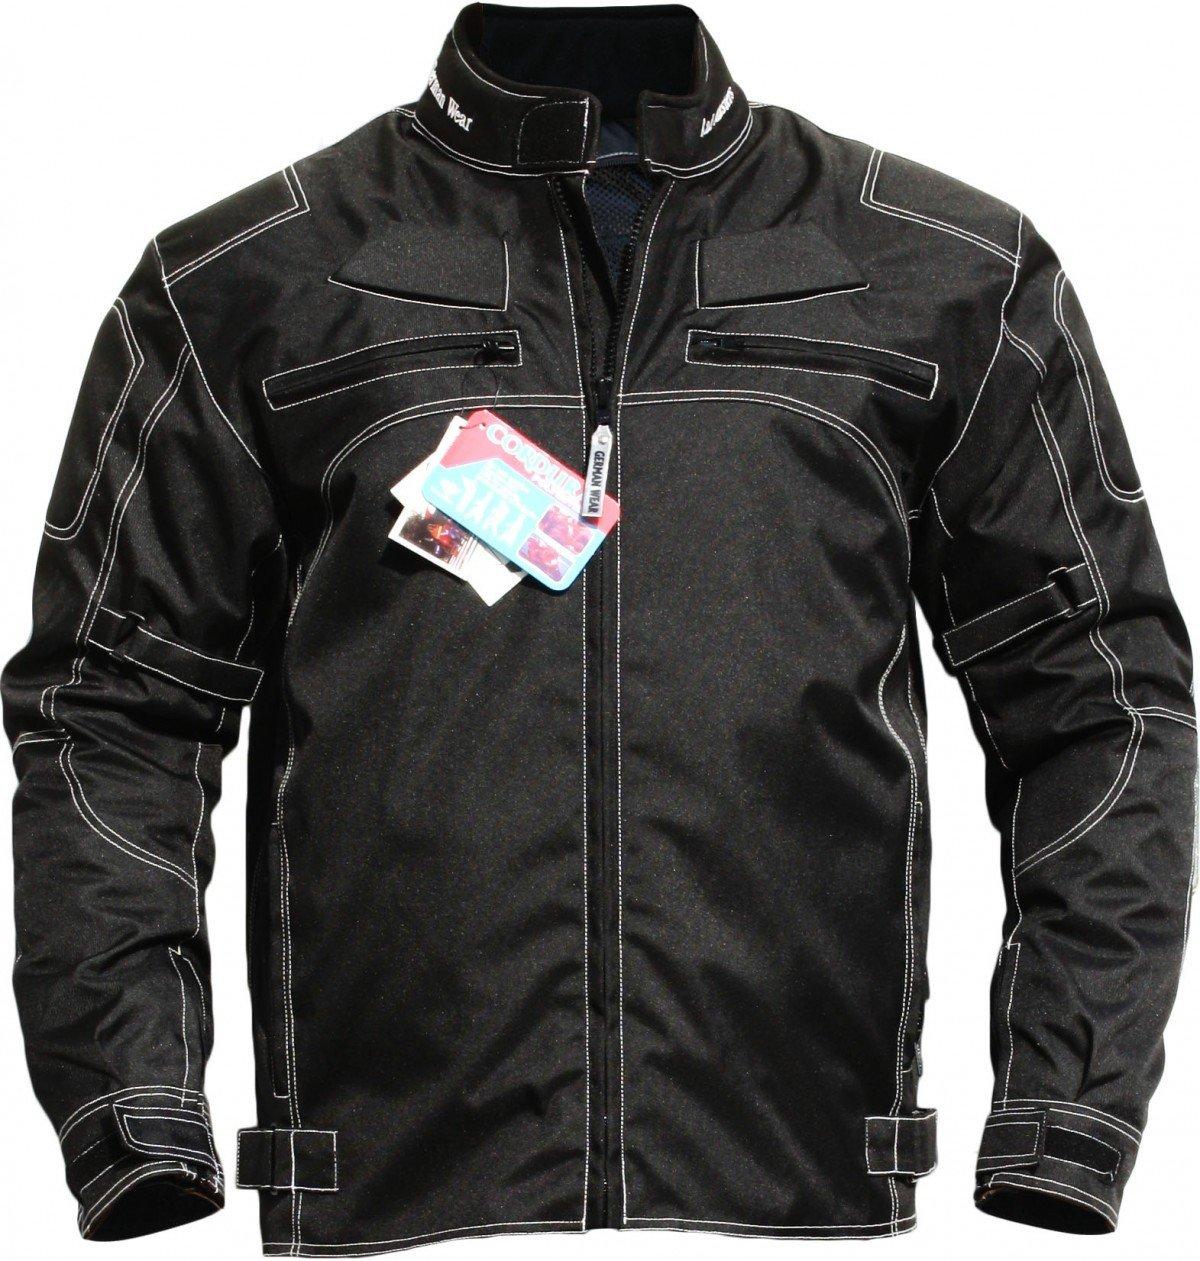 German Wear Motorradjacke aus Textilien, Schwarz, 50 German Wear GmbH GW310J